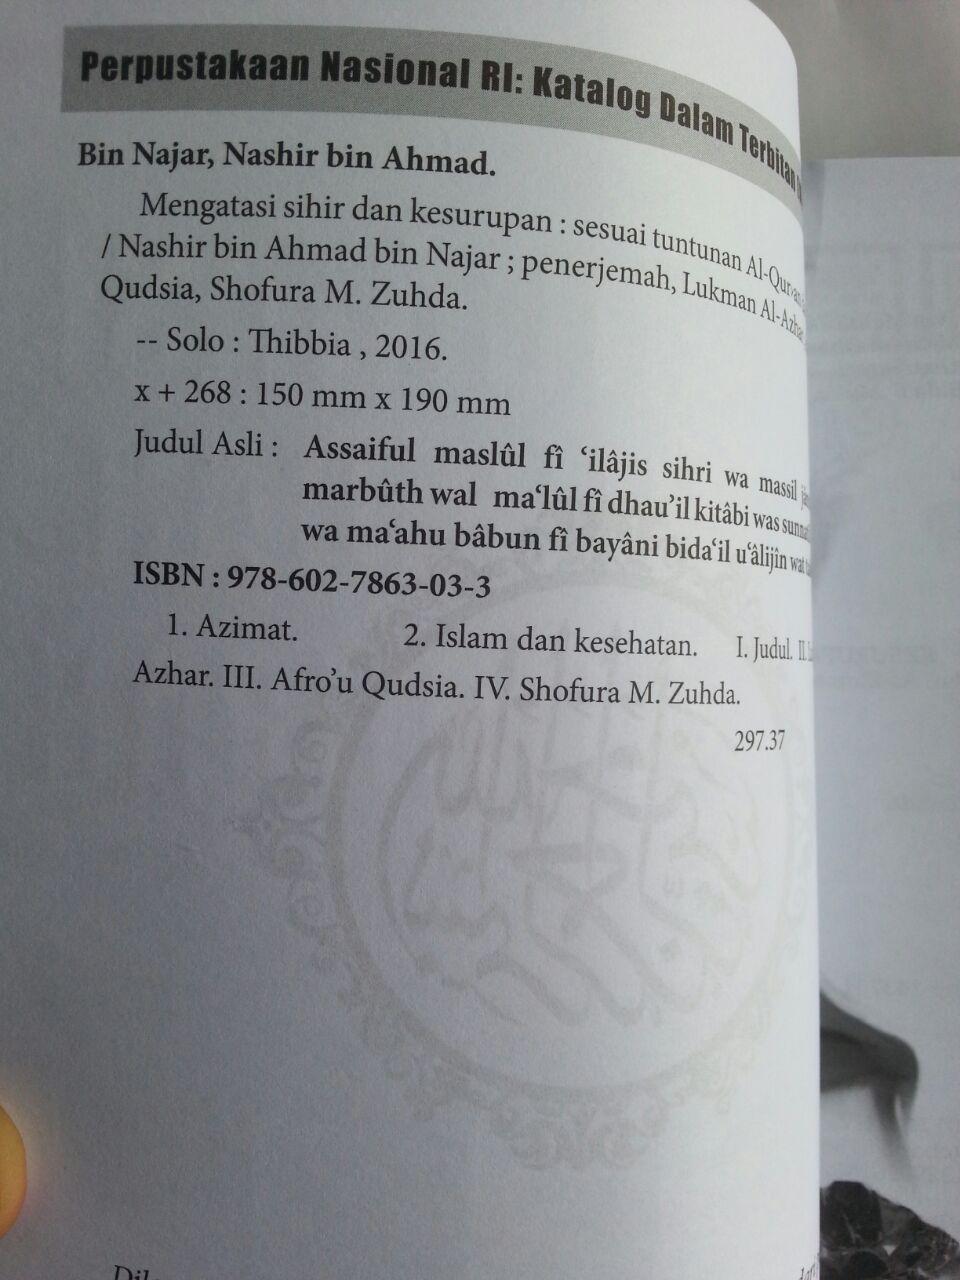 Buku Mengatasi Sihir Dan Kesurupan Sesuai Al-Quran Sunnah isi